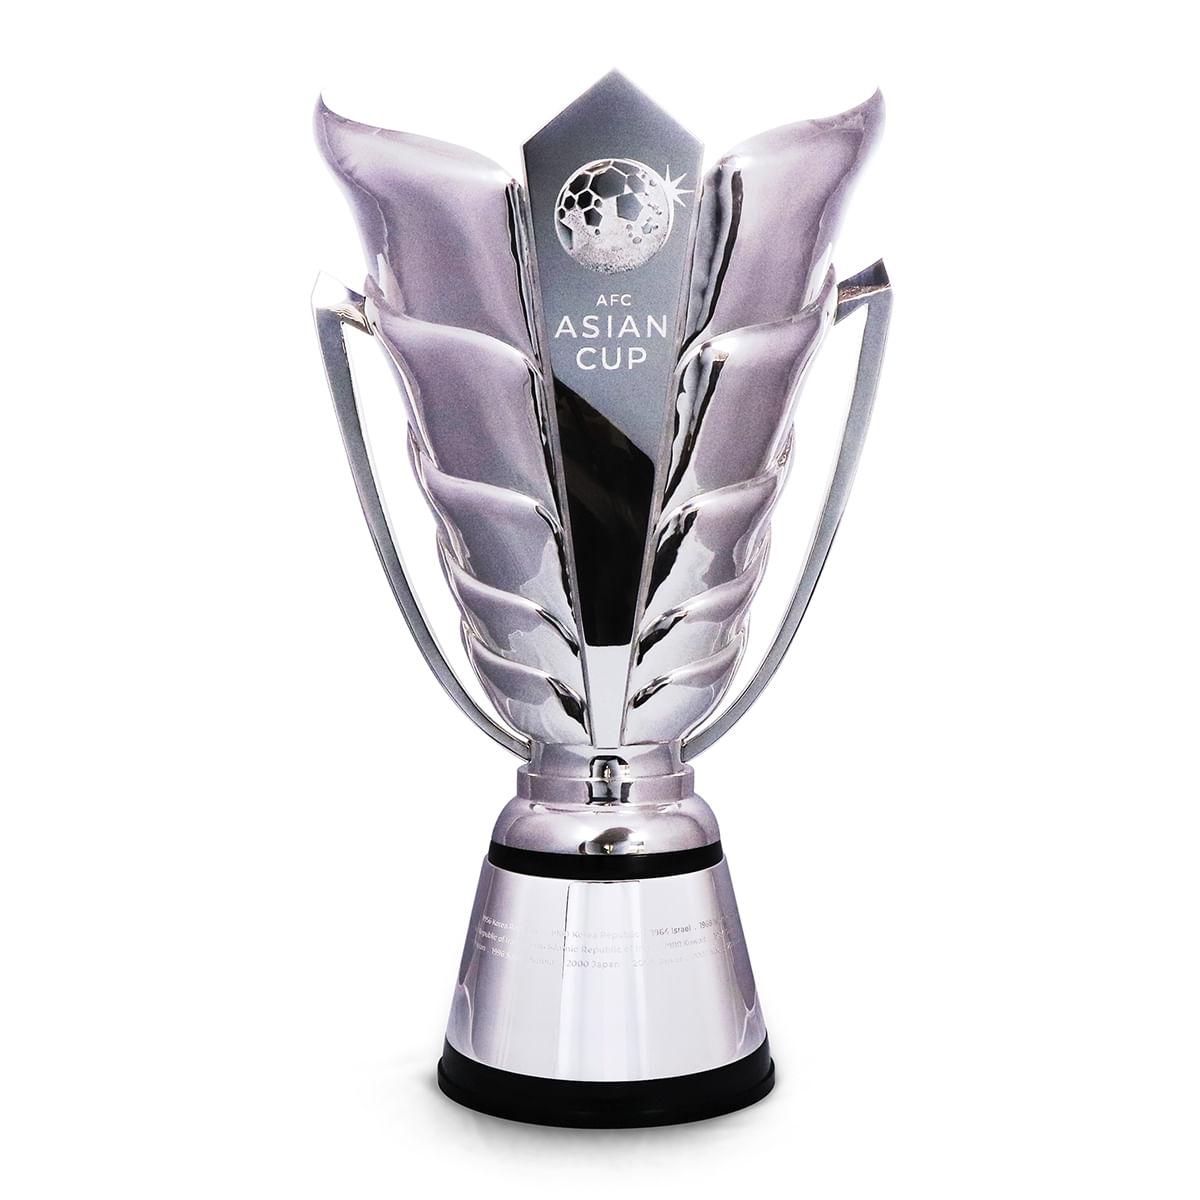 http://thomaslyte.vteximg.com.br/arquivos/ids/159721/mens_asia_cup_main.jpg?v=636614013999430000